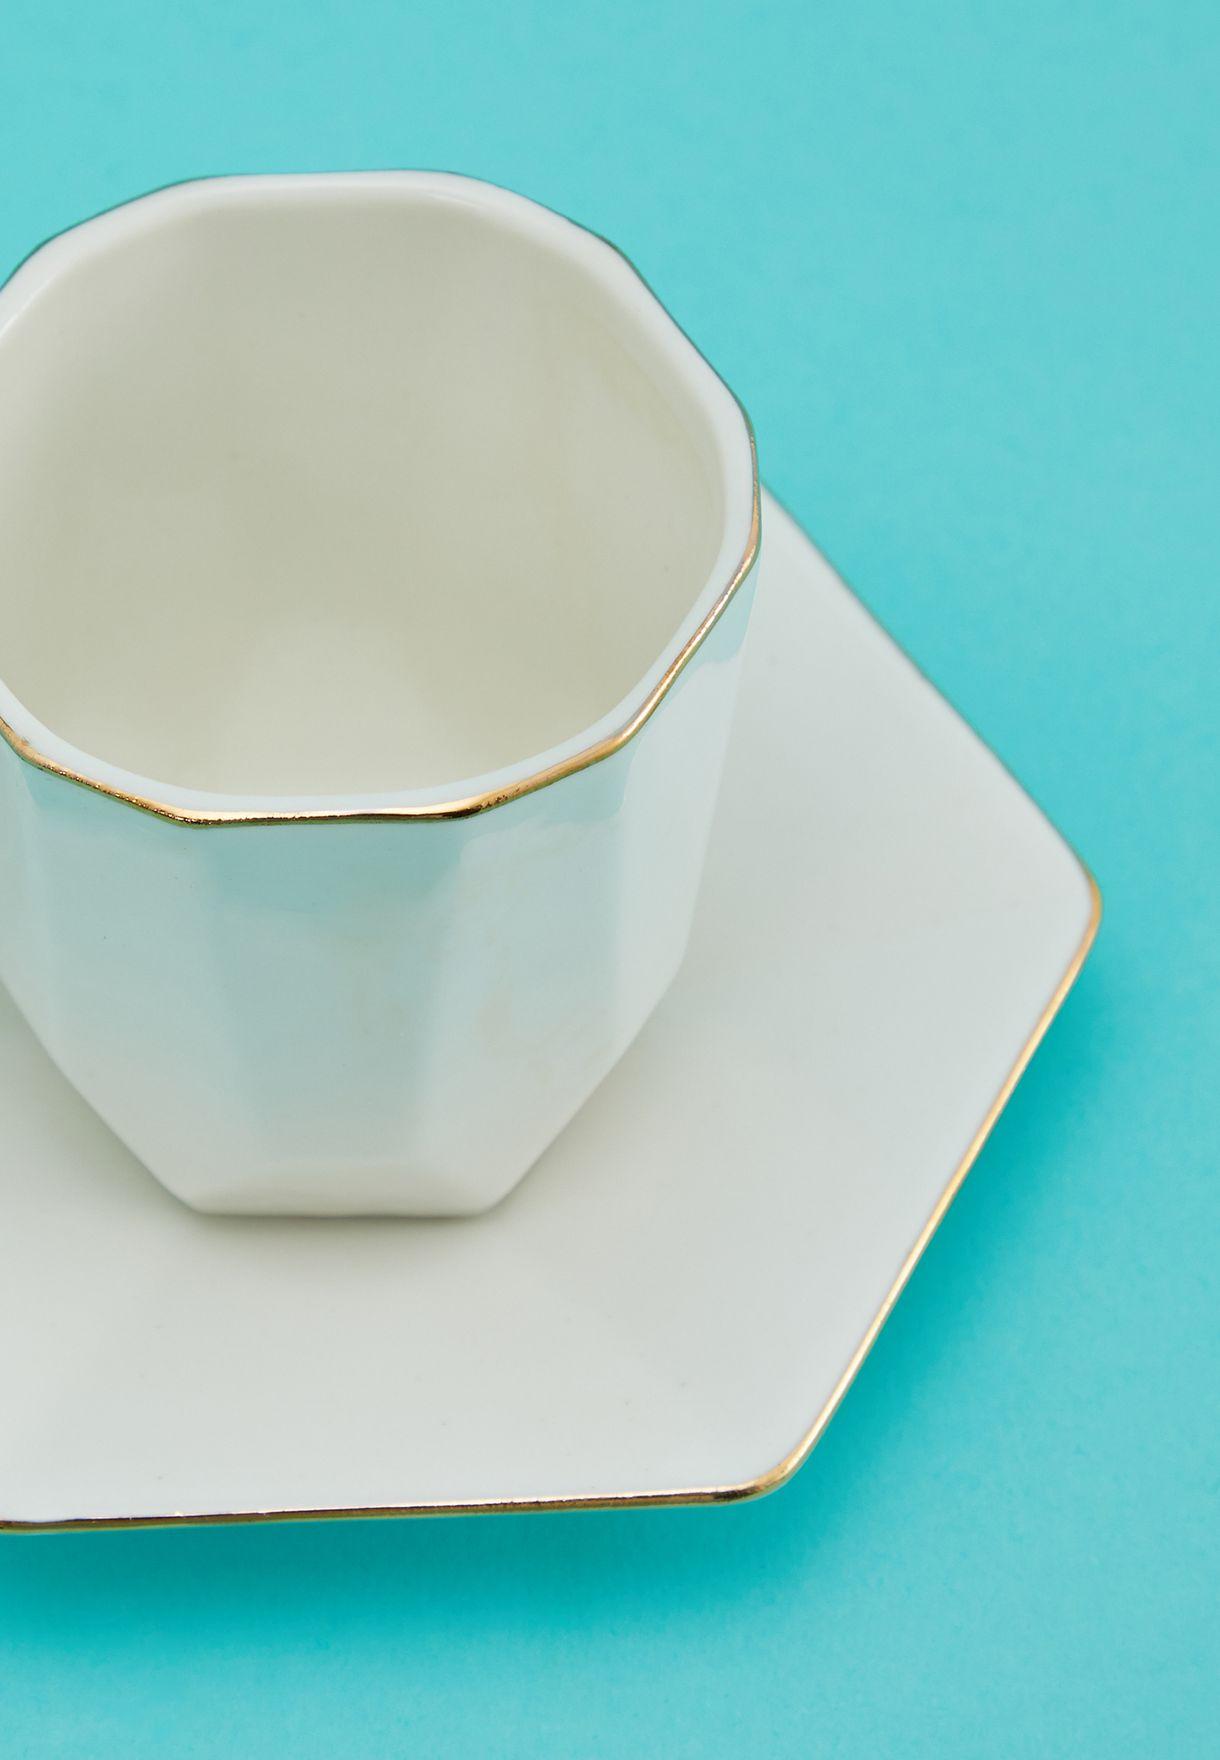 طقم من فنجان وطبق بطبعات نخيل